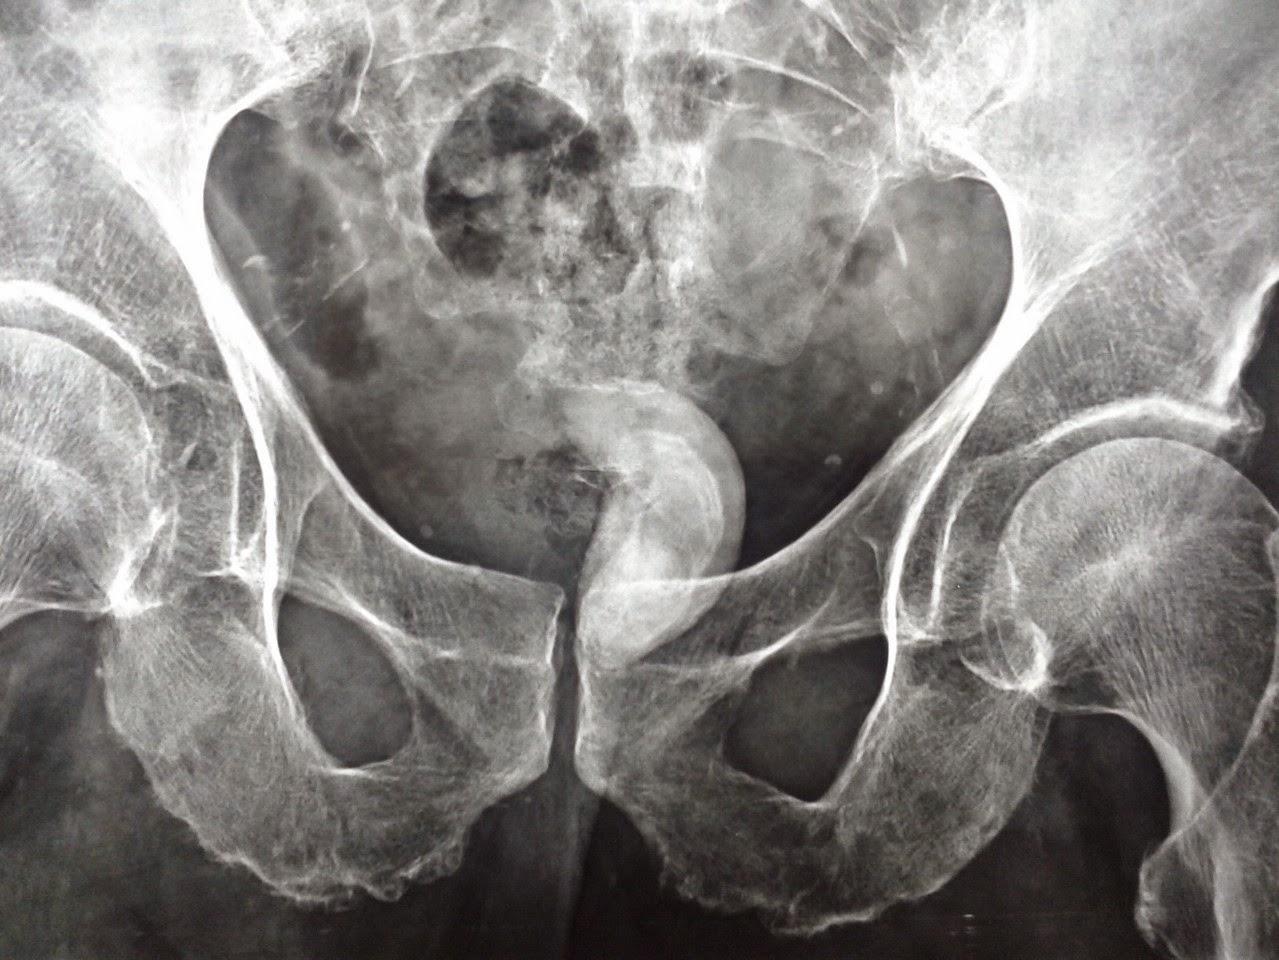 presenza di calcificazioni alla prostata